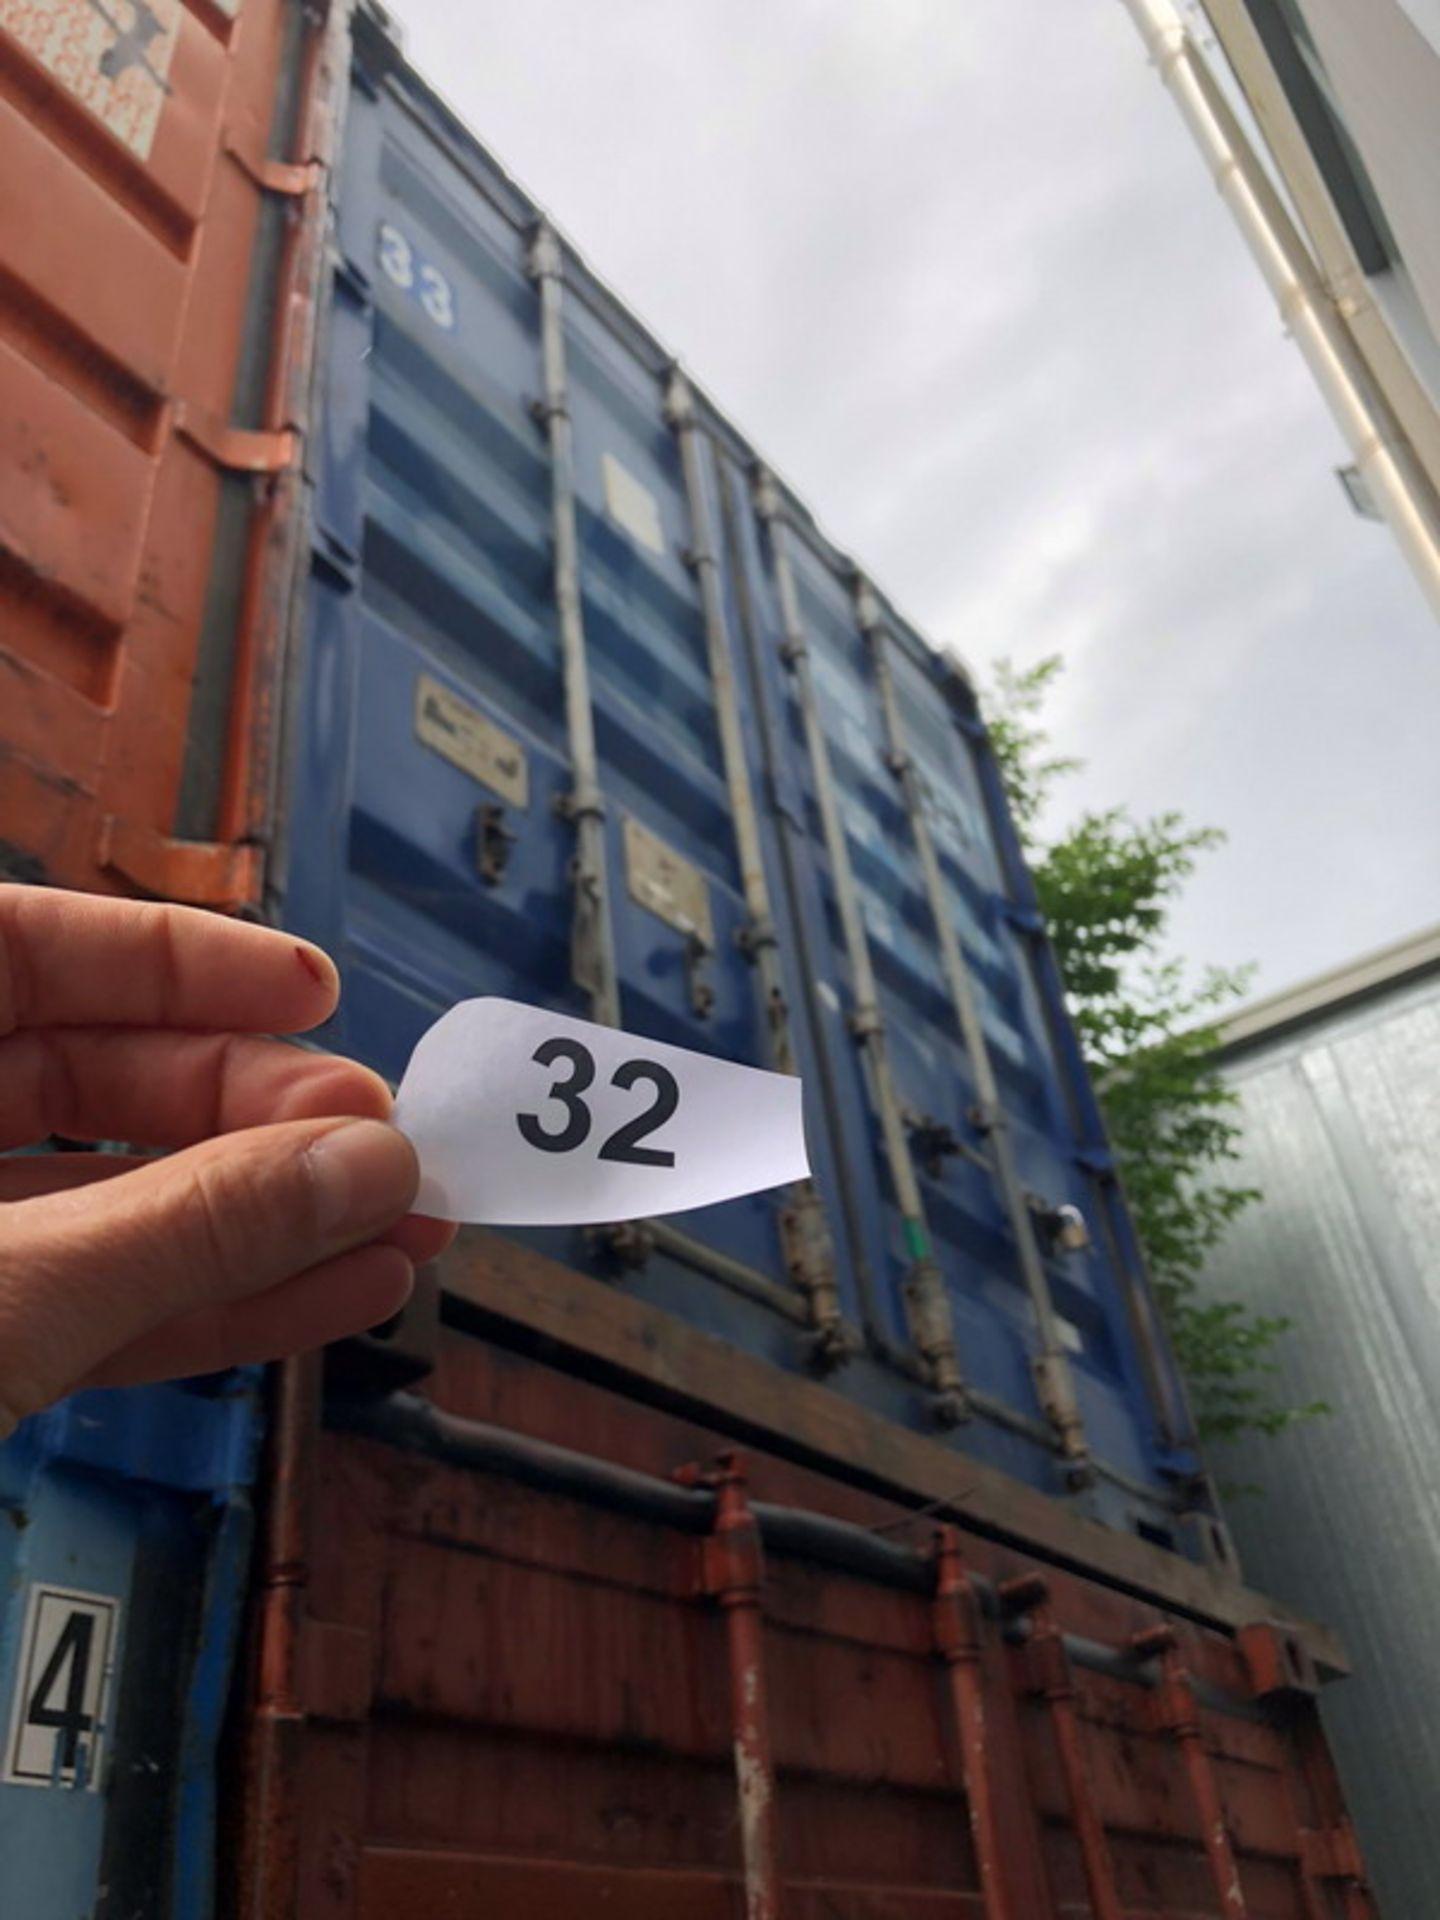 Lot 330 - N. 32 (768 FALLIMENTO) CONTAINER PESANTE BLU N. 33, DIMENSIONI 6,20X2,40 (BENI IN VIA EX INTERNATI